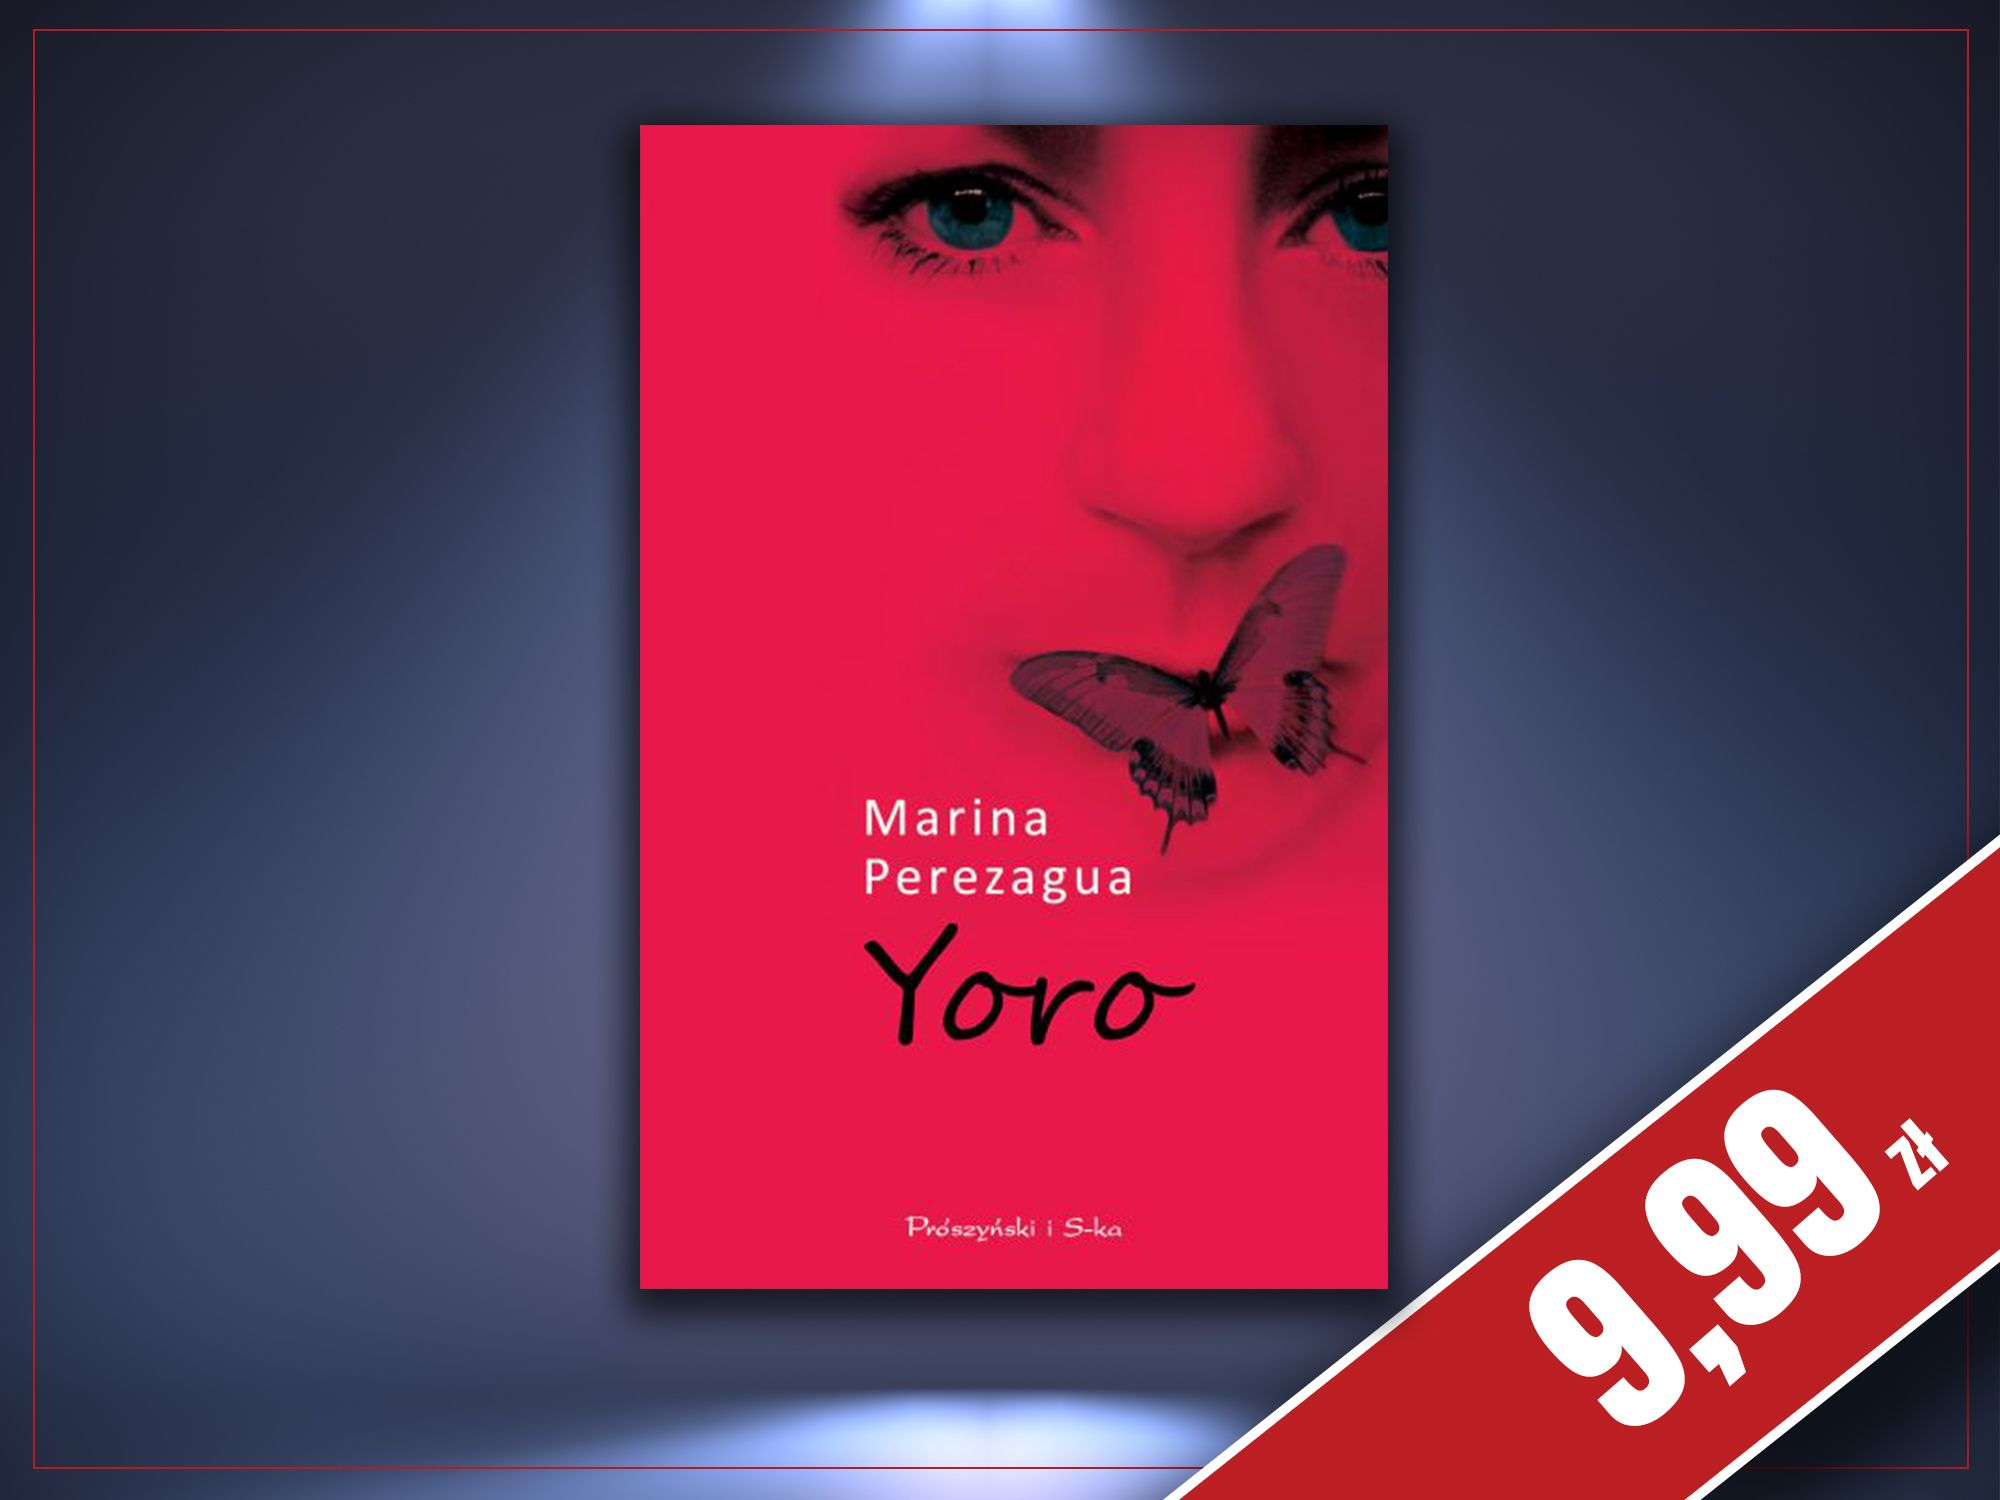 Yoro, Marina Perezagua